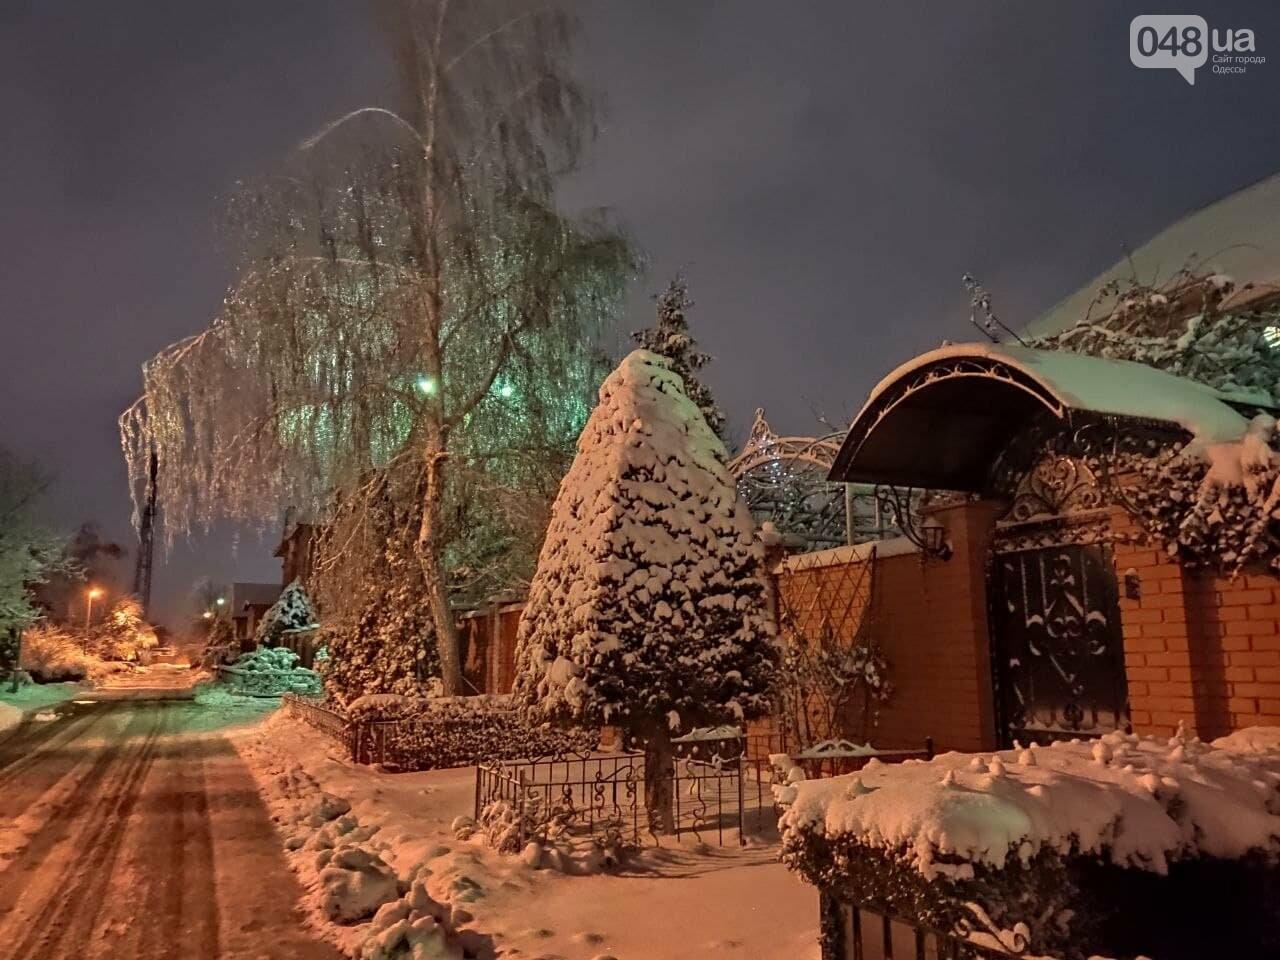 Зимняя сказка на одесской Рублевке: как выглядит Совиньон в снегу, - ФОТОРЕПОРТАЖ, фото-10